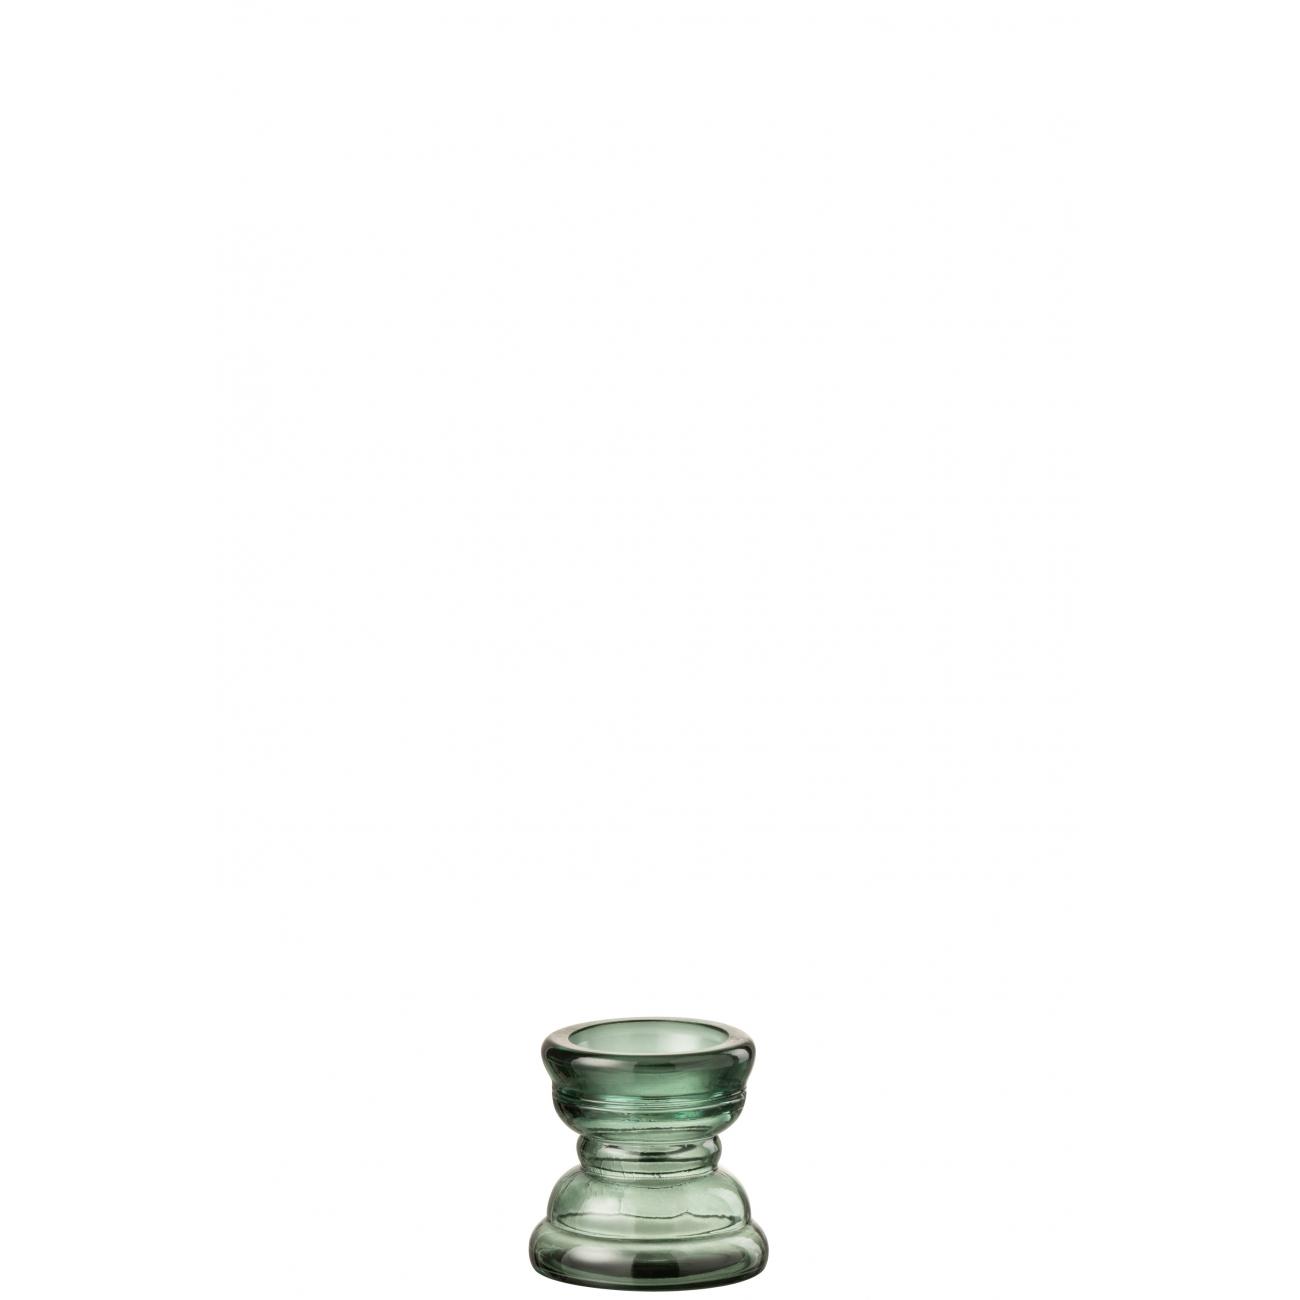 Подсвечник J-LINE стеклянный фигурный зеленого цвета высота 12 см Бельгия